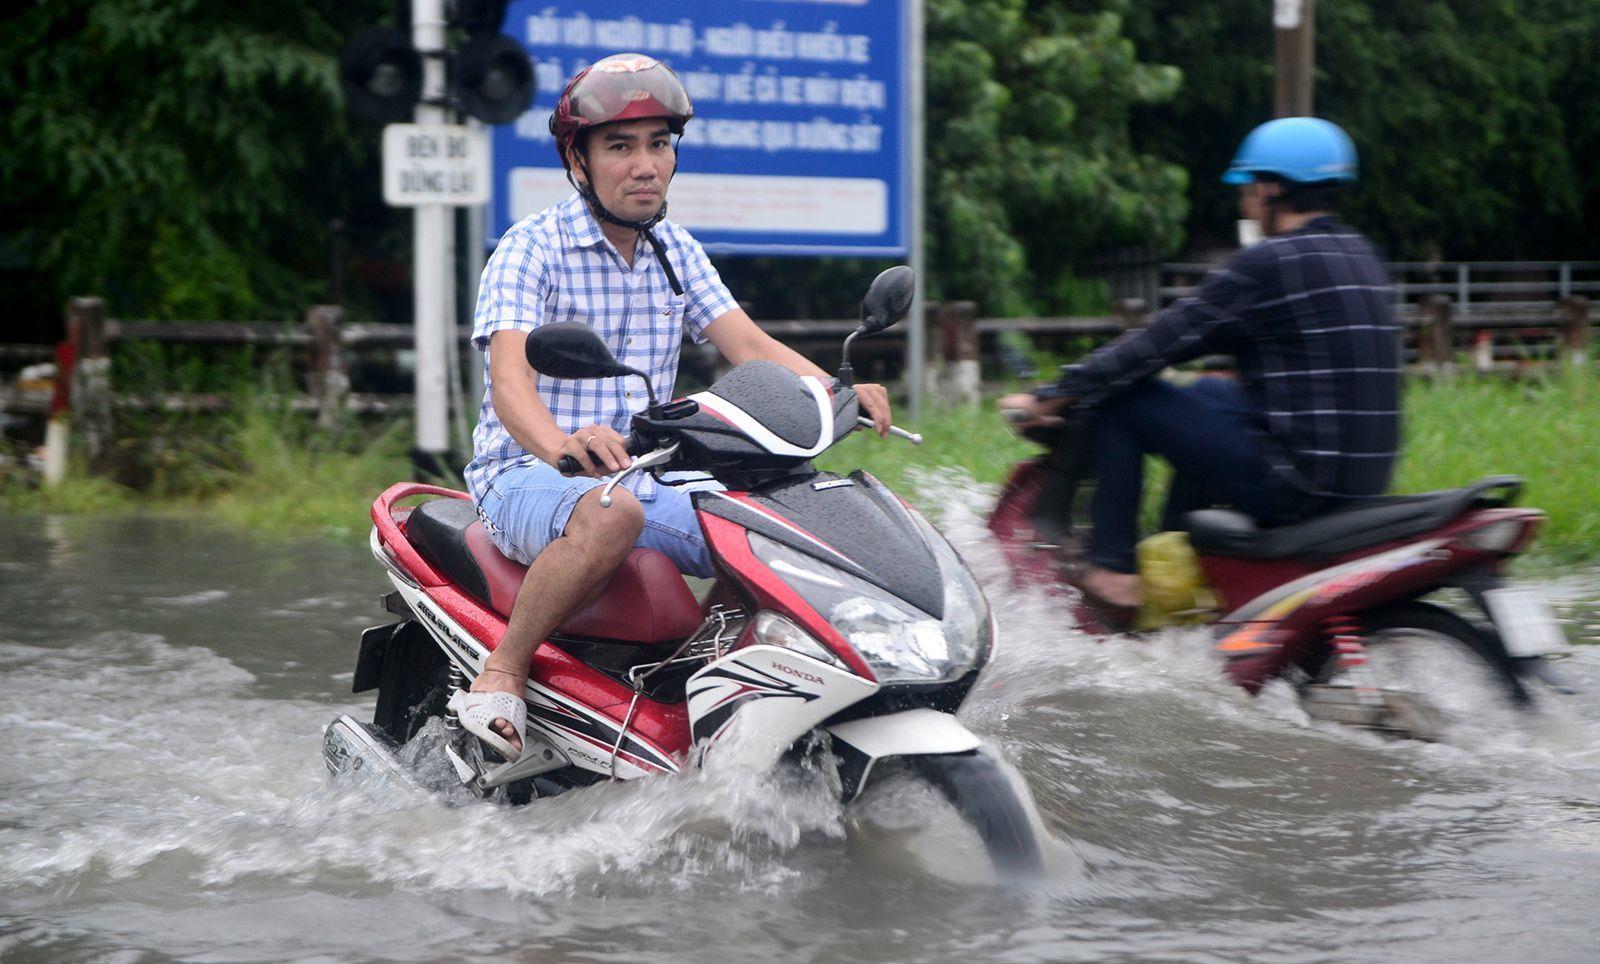 3 nguy cơ rất dễ gặp phải khi xe máy tay ga 'lội nước'